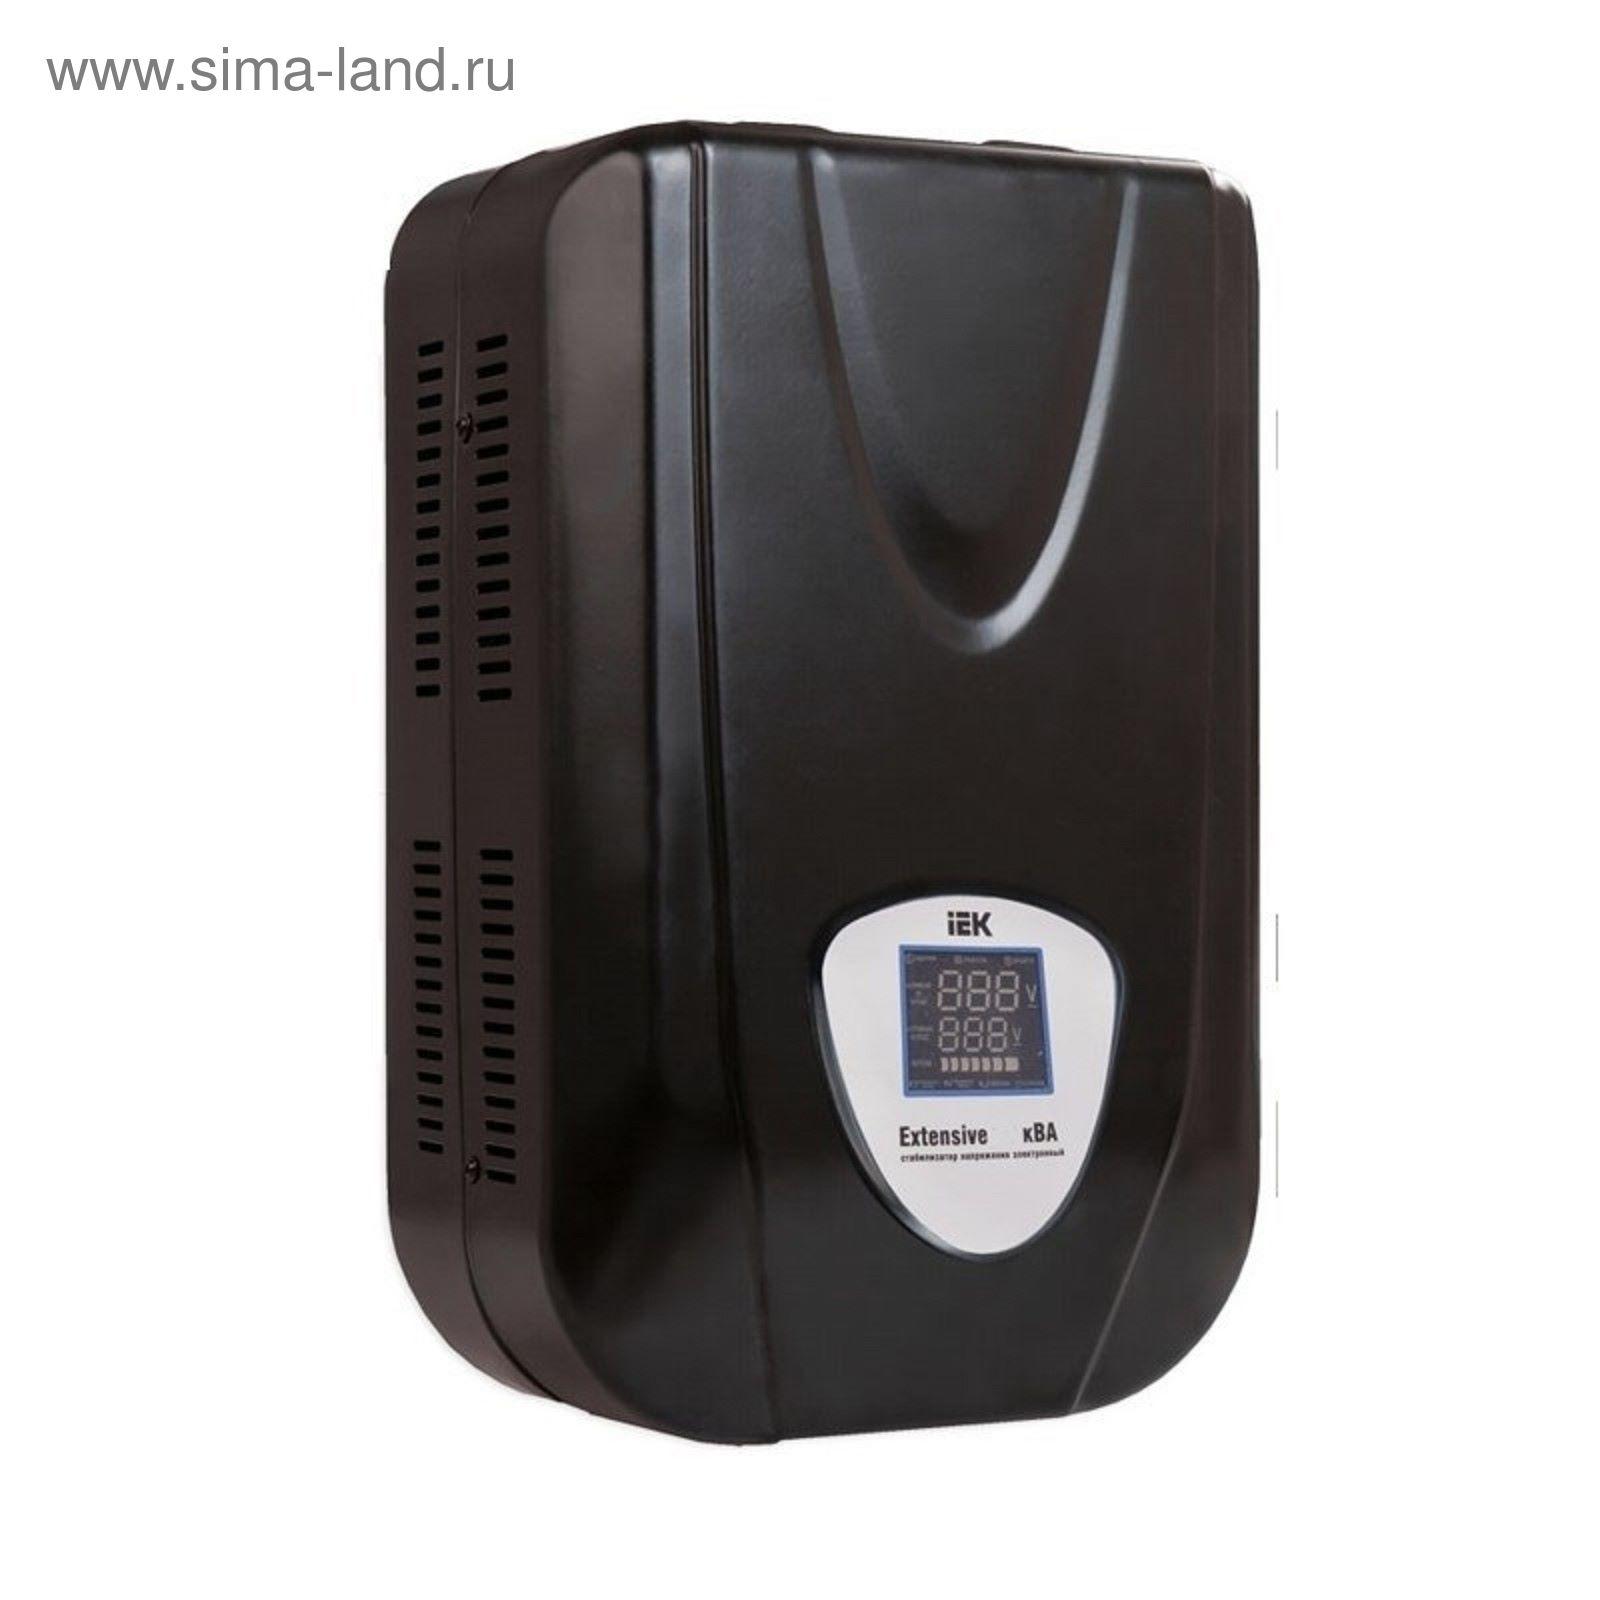 Iek стабилизатор напряжения 10000 инверторные профессиональные сварочные аппараты